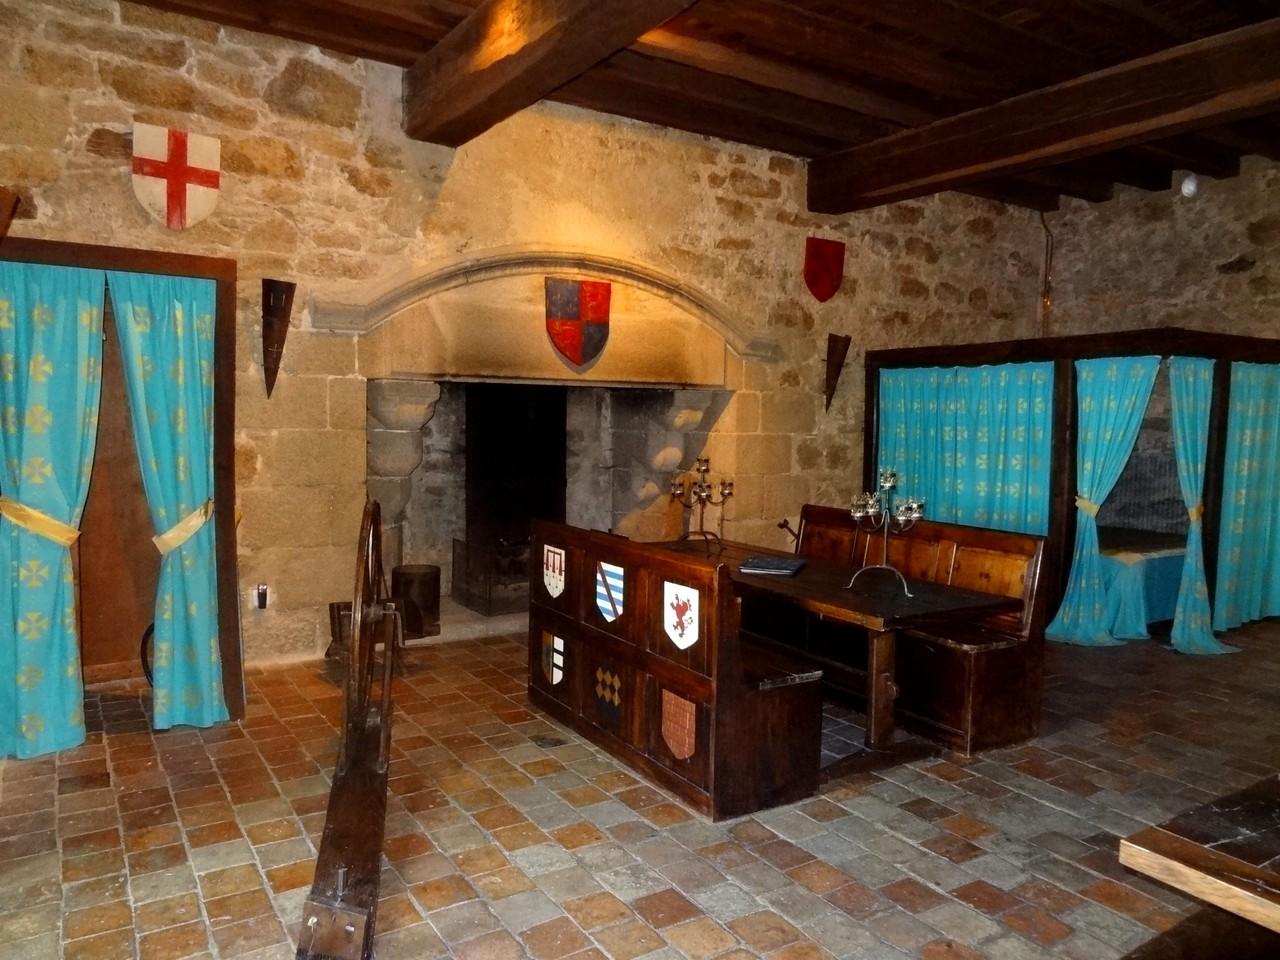 Chambre du Chevalier chateau medievale au chateau